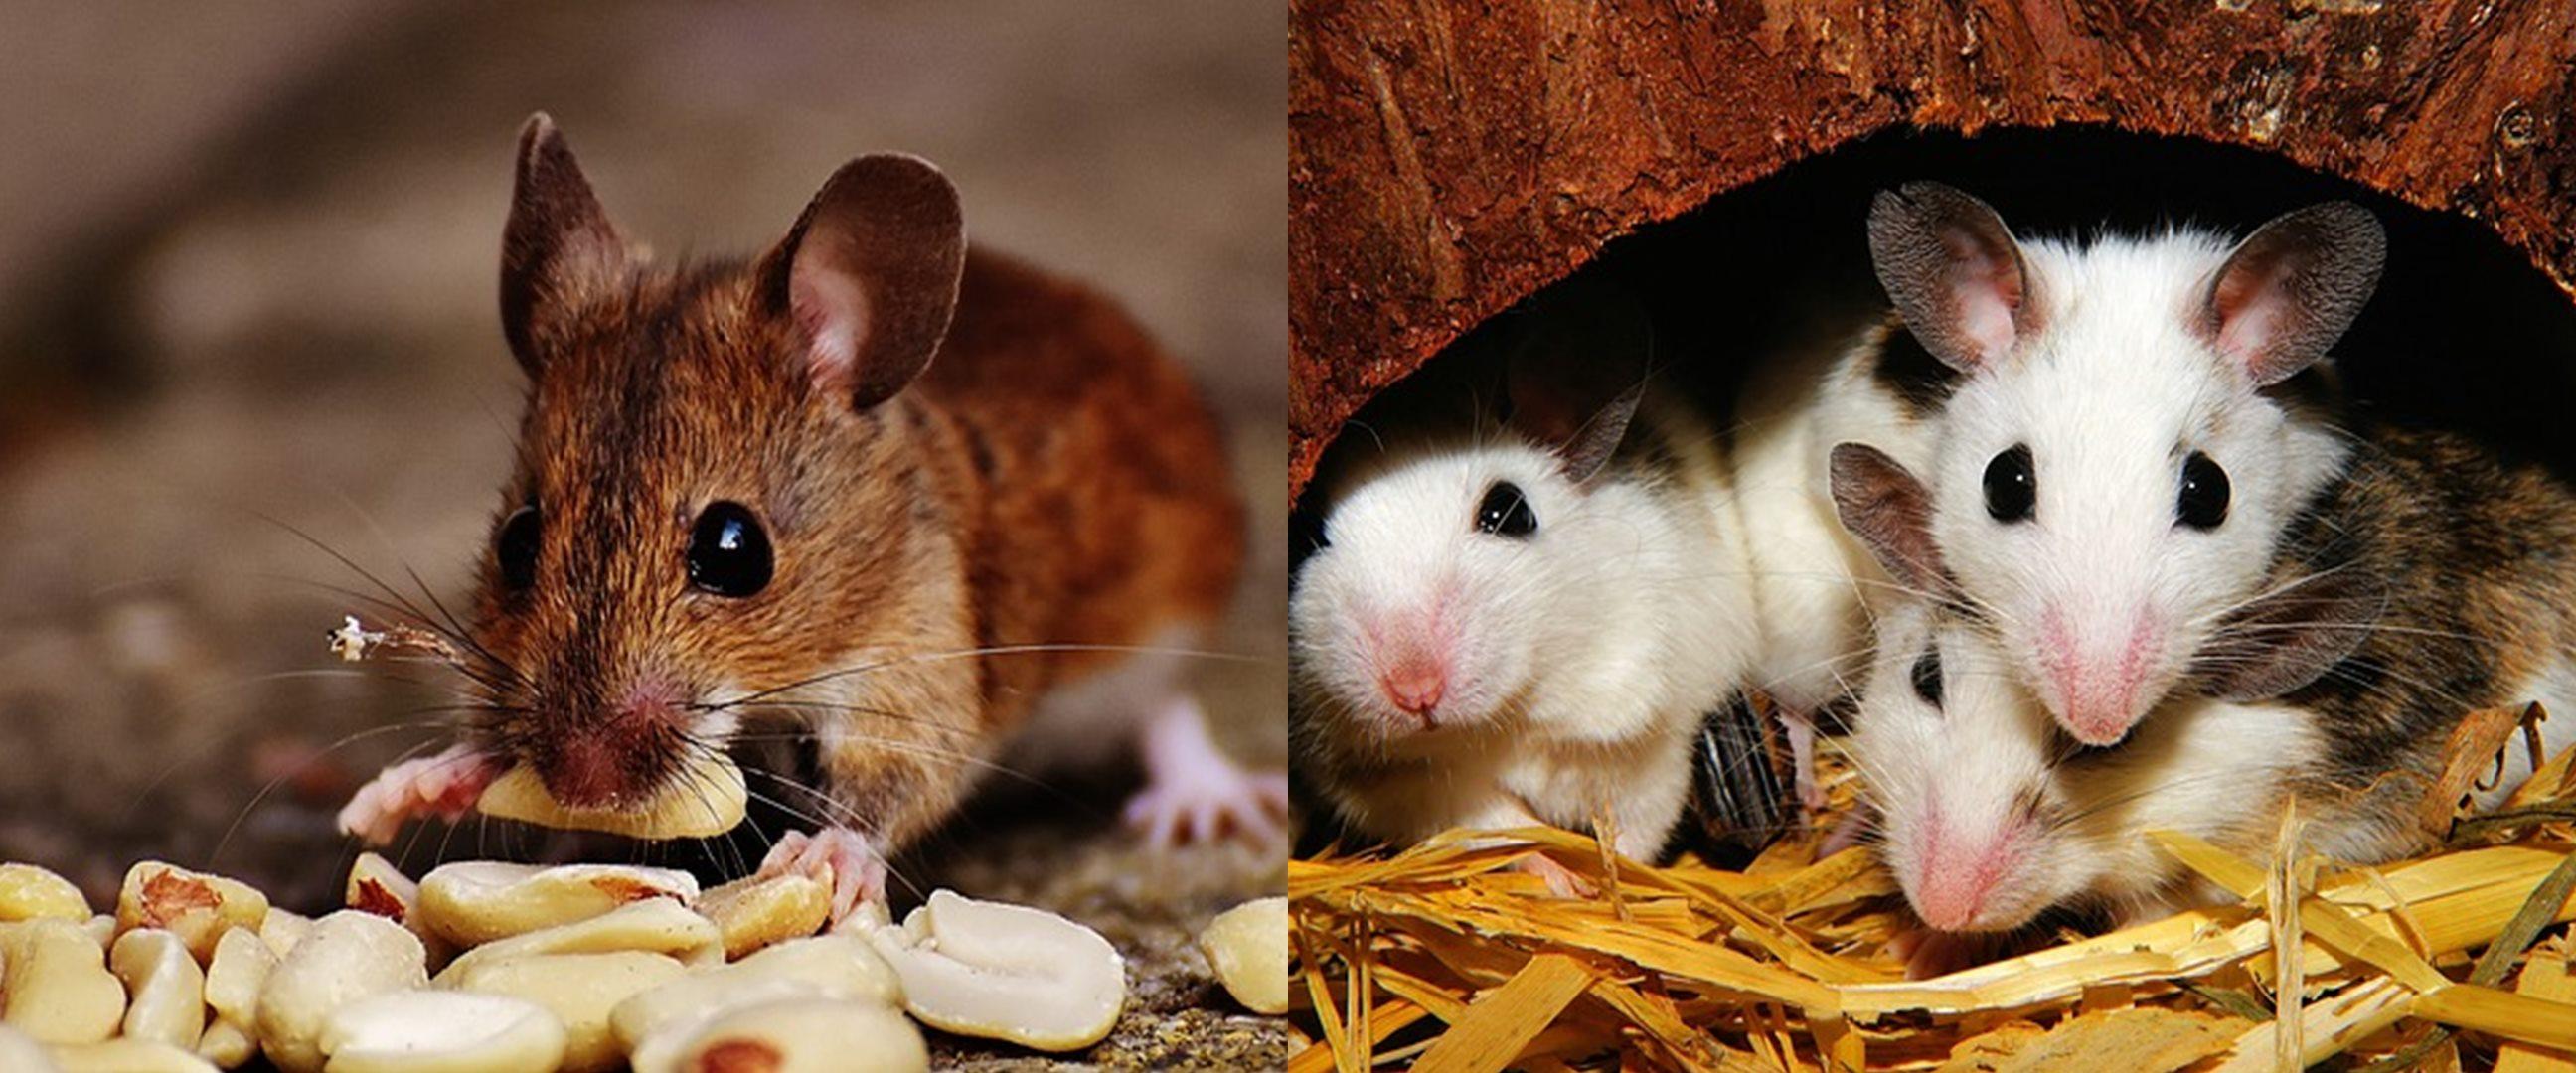 10 Barang ini ternyata bisa bikin tikus suka datang ke rumah